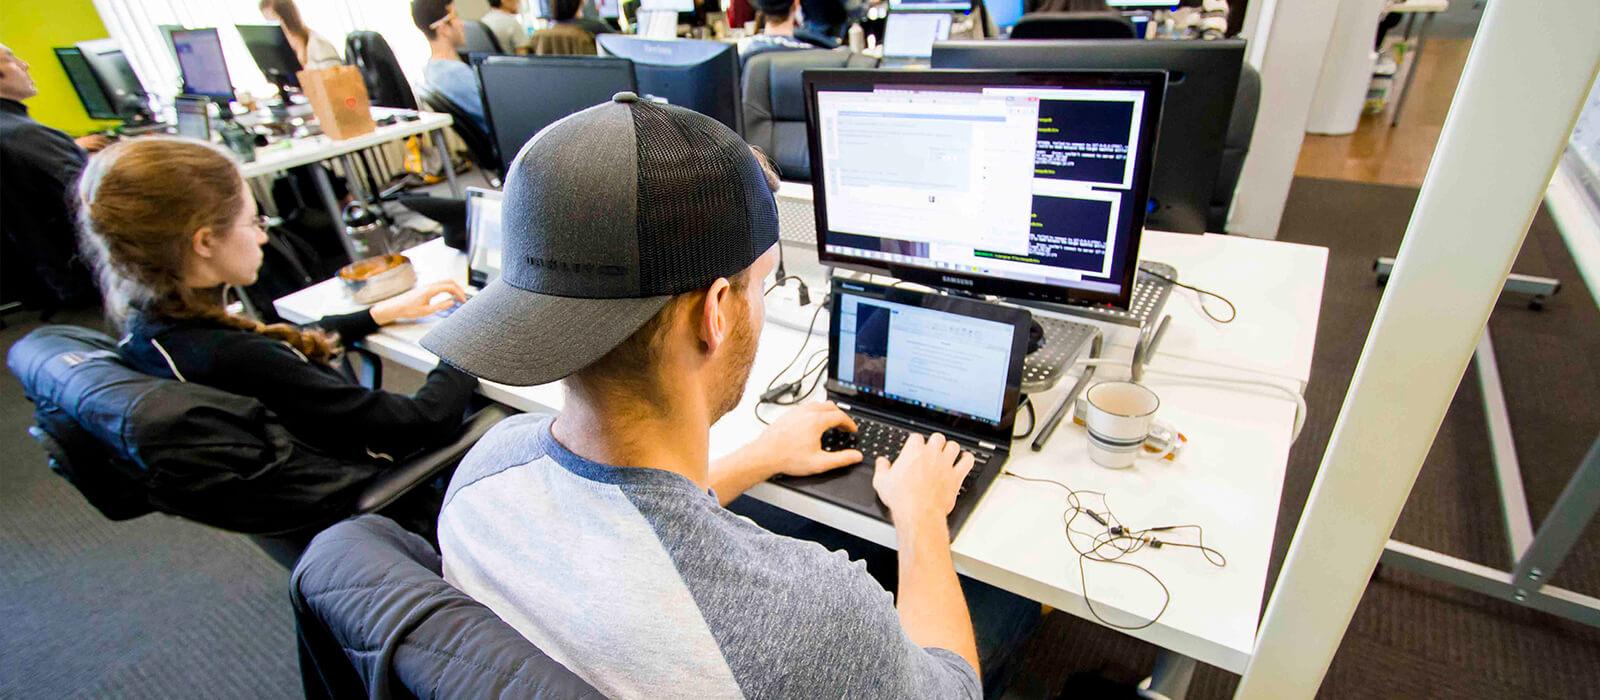 Coding dojo students